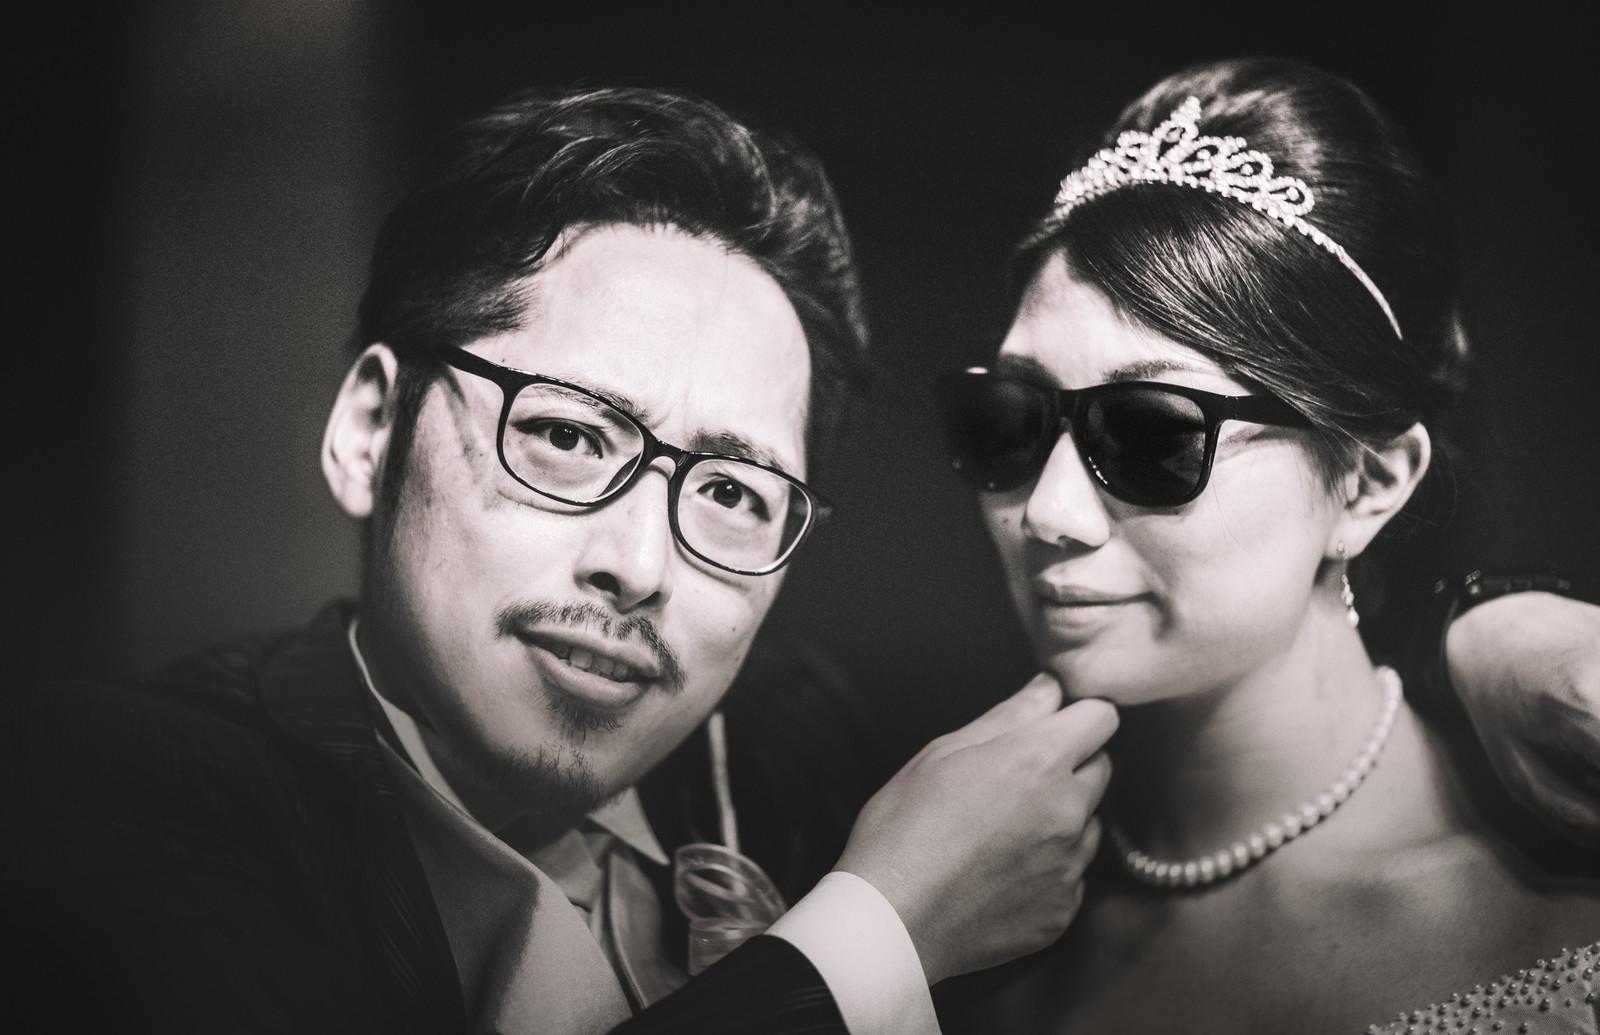 新婚夫婦がサングラスをかけてコチラを見ている画像